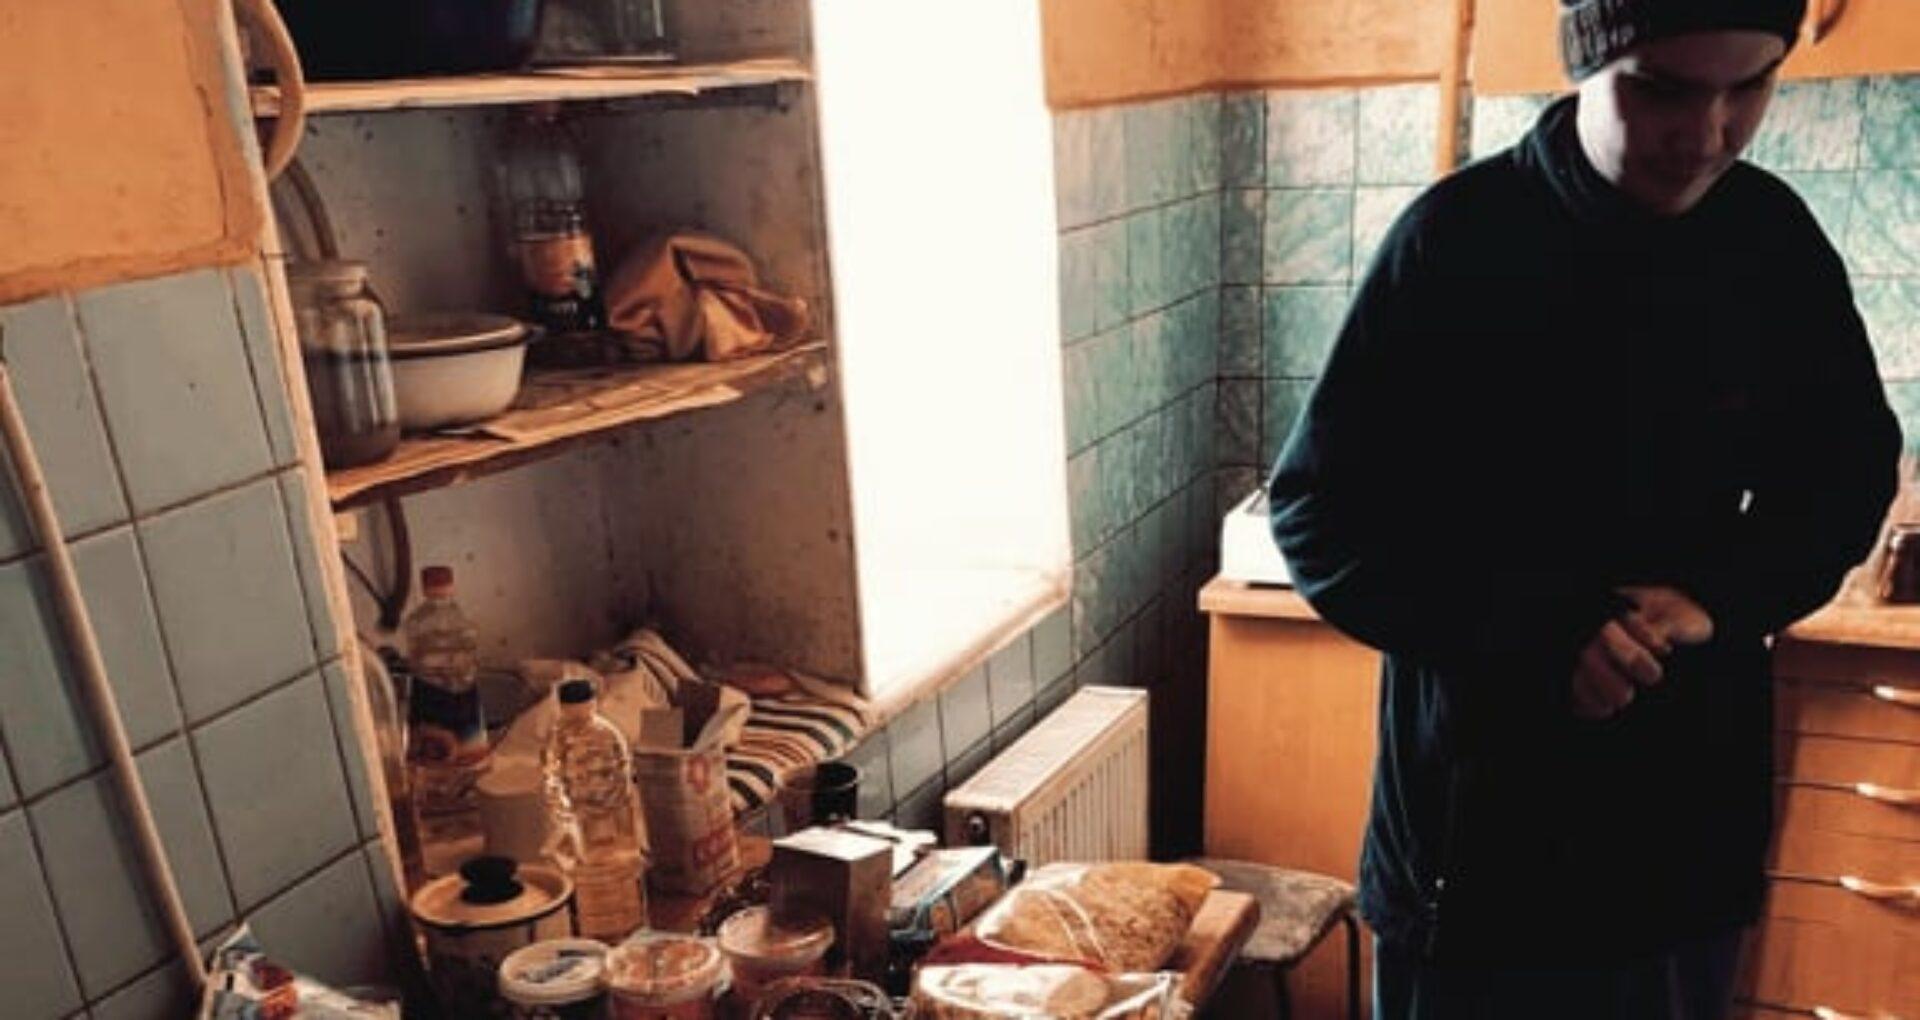 Întunericul lui Marin s-a luminat. A primit produse și i-a fost stinsă datoria pentru alimente